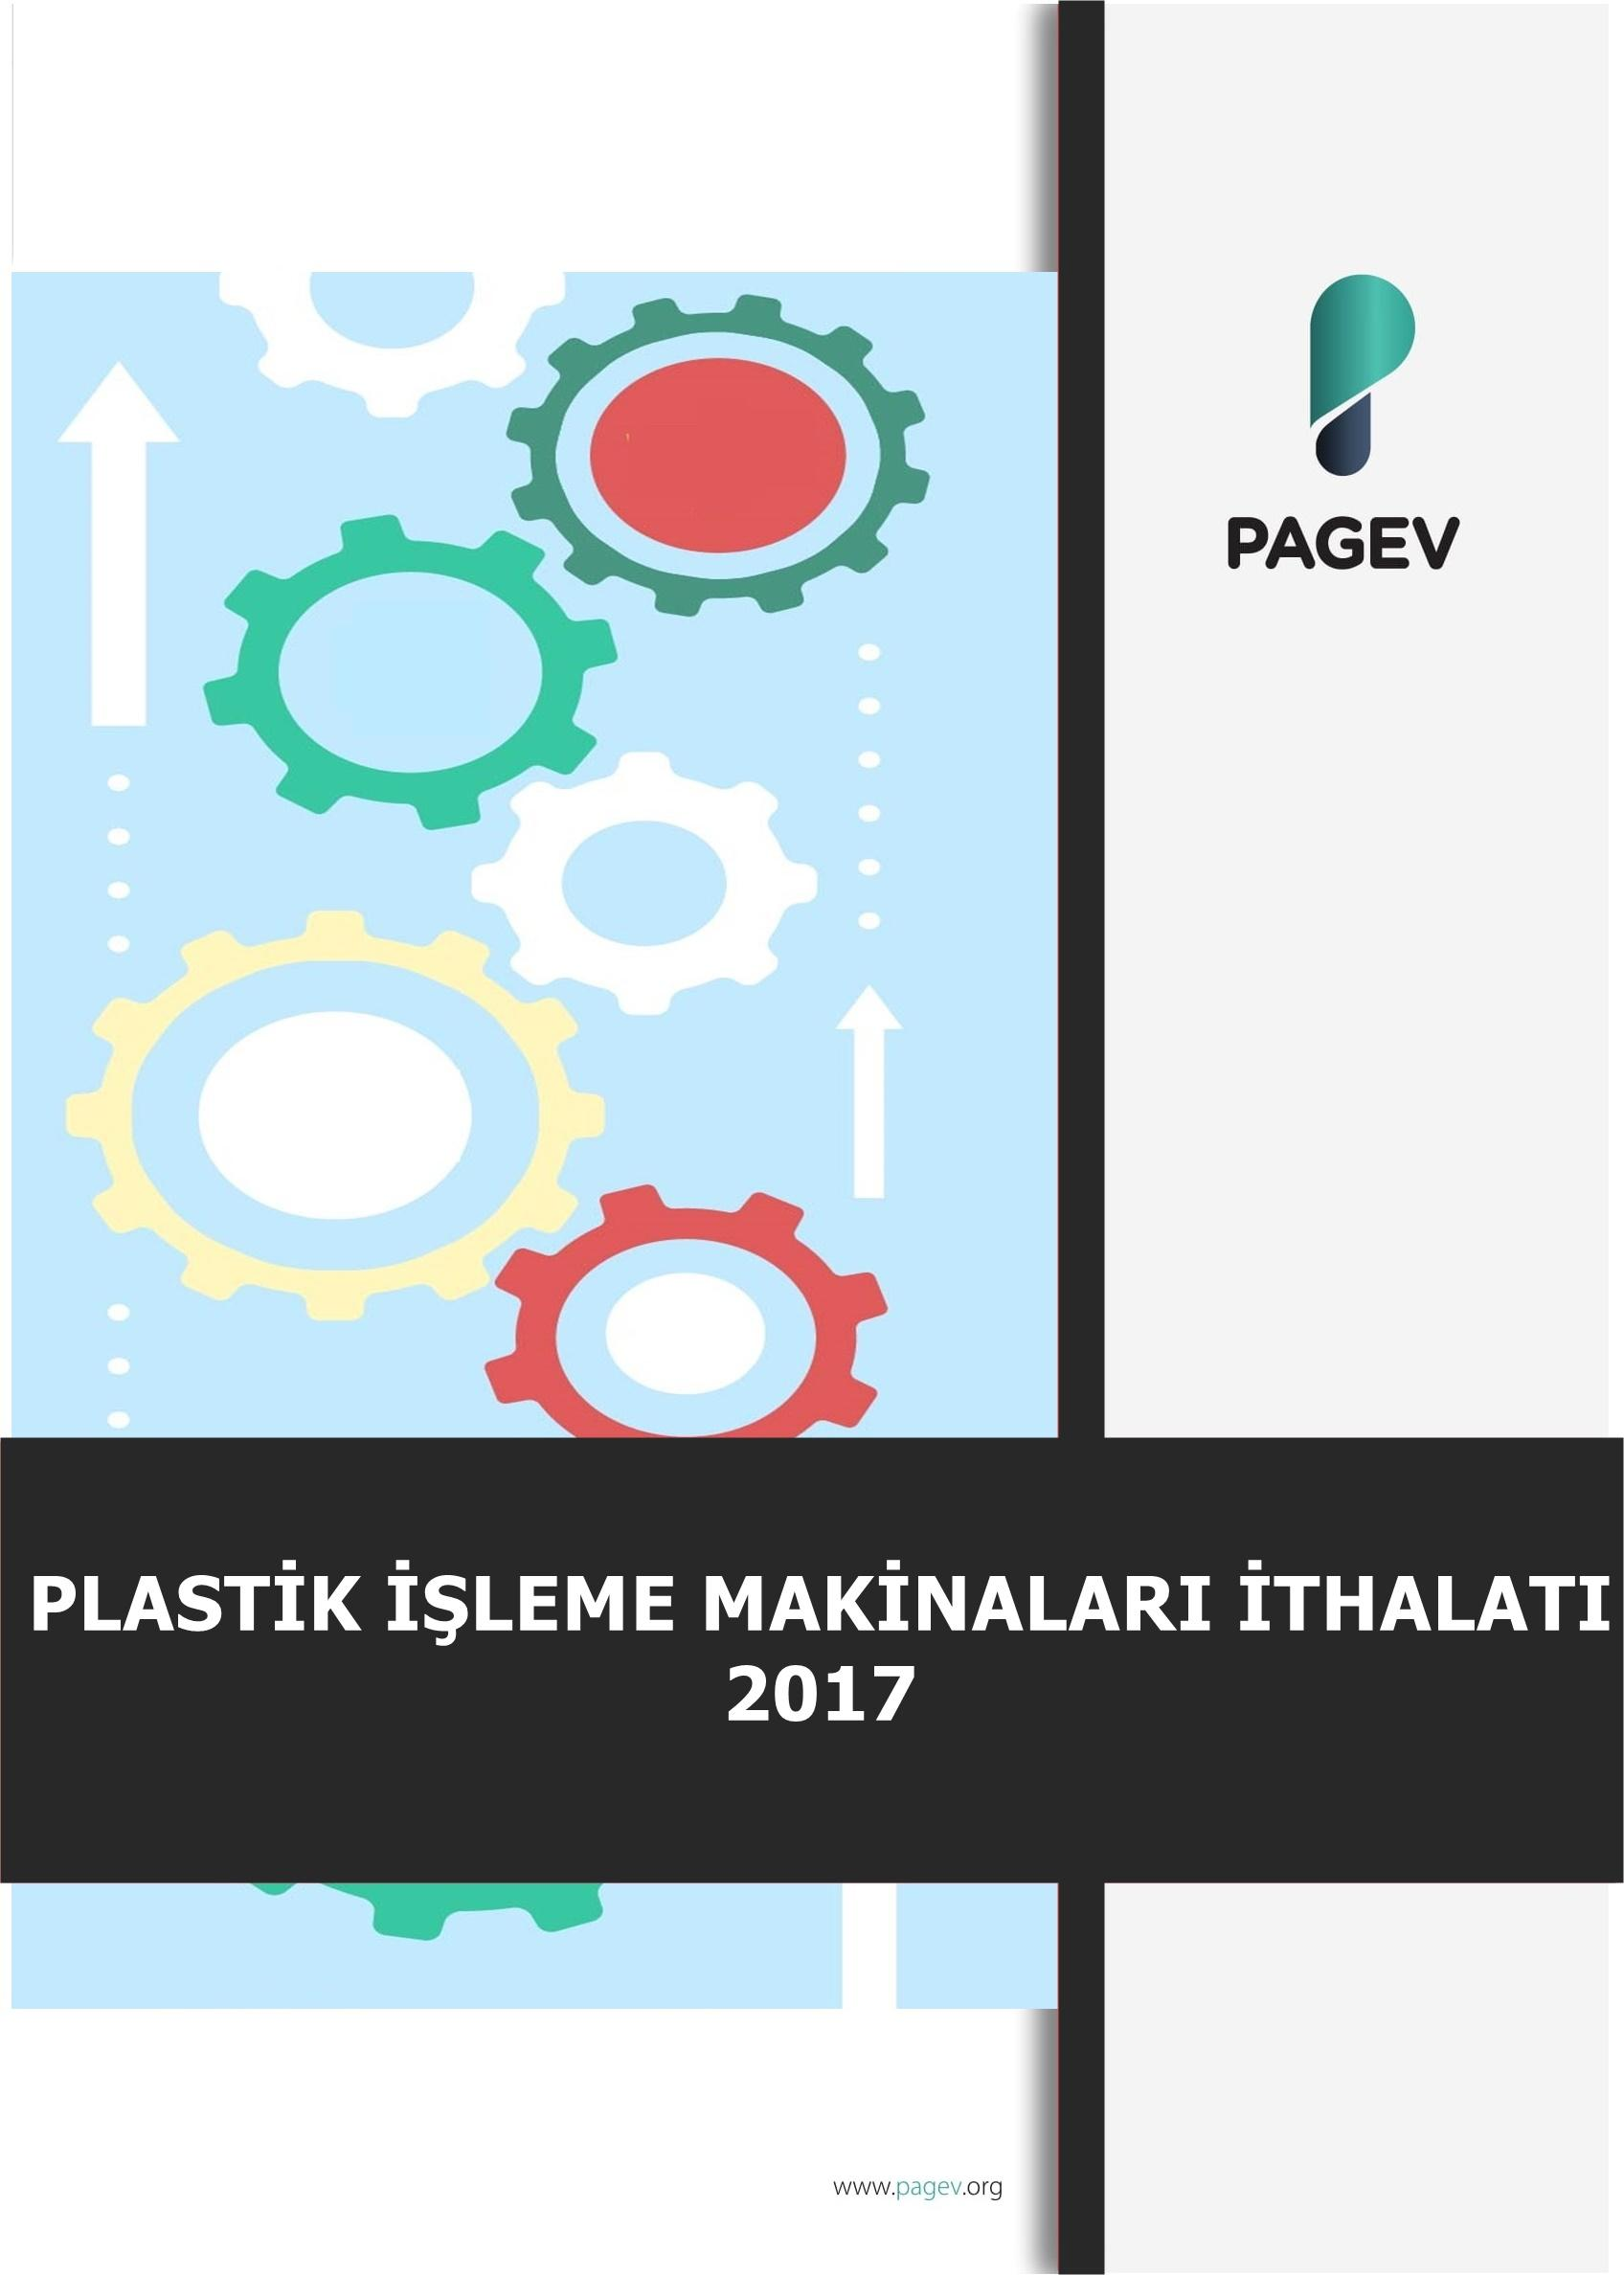 2017 Plastik İşleme Makineleri İthalatı